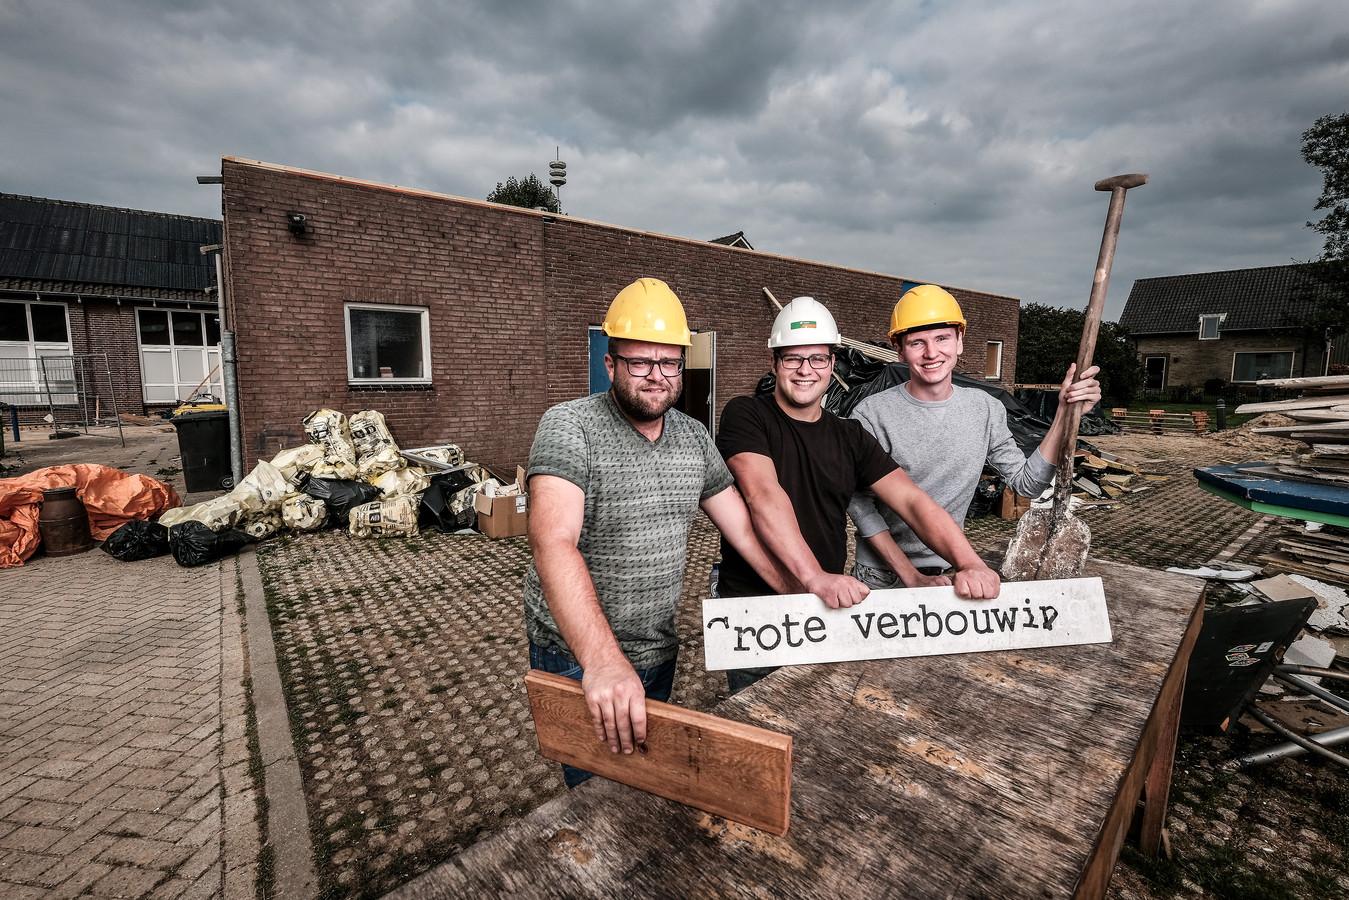 Bestuursleden Tim van der Kroon, Jorijn Beijer en Luuk van Mierlo (v.l.n.r.) druk in de weer met de verbouwing.